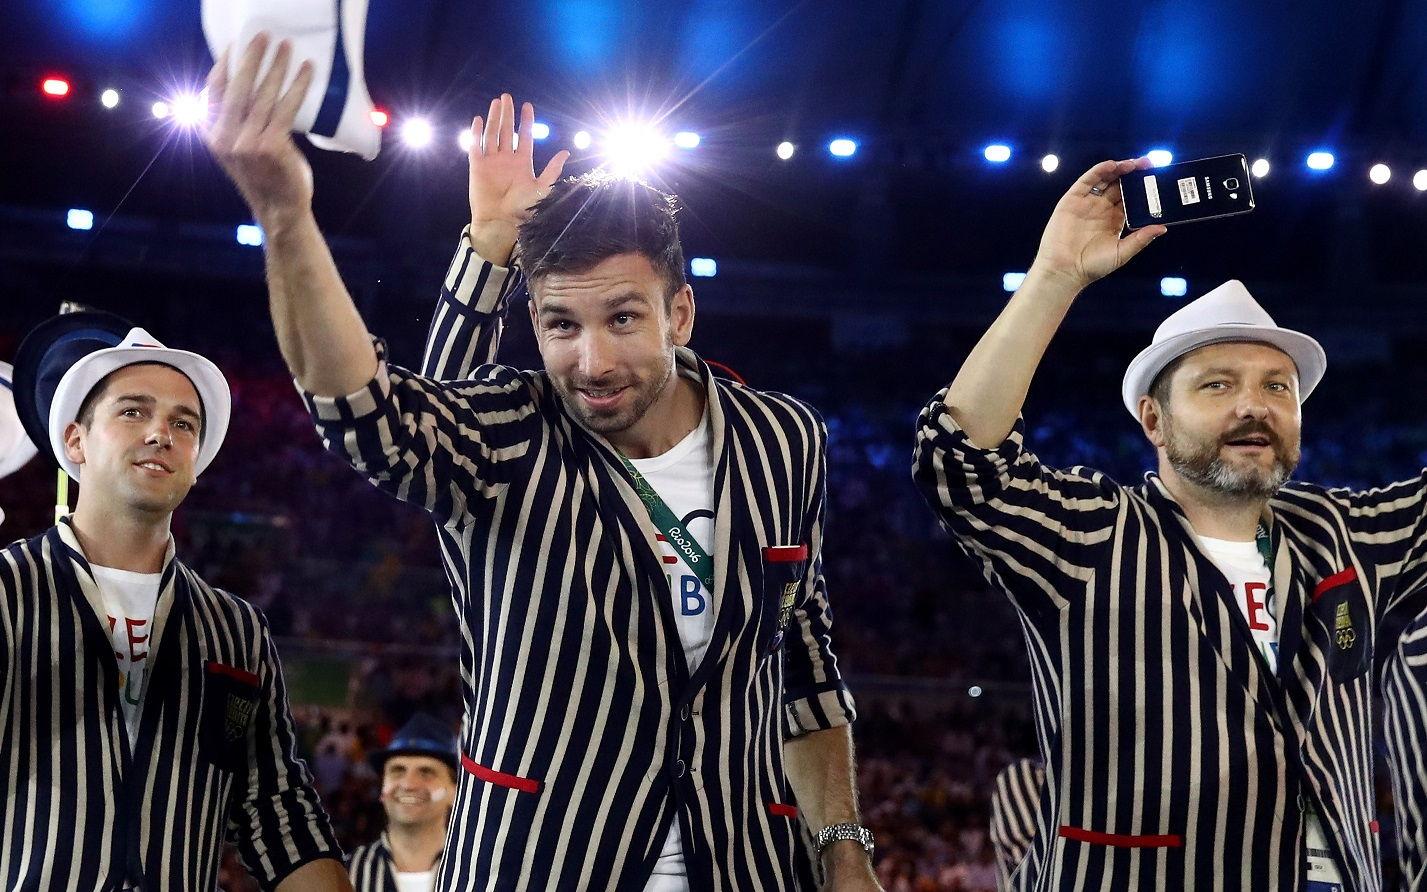 Olimpiai nyitóünnepség az S7 edge kameráján keresztül